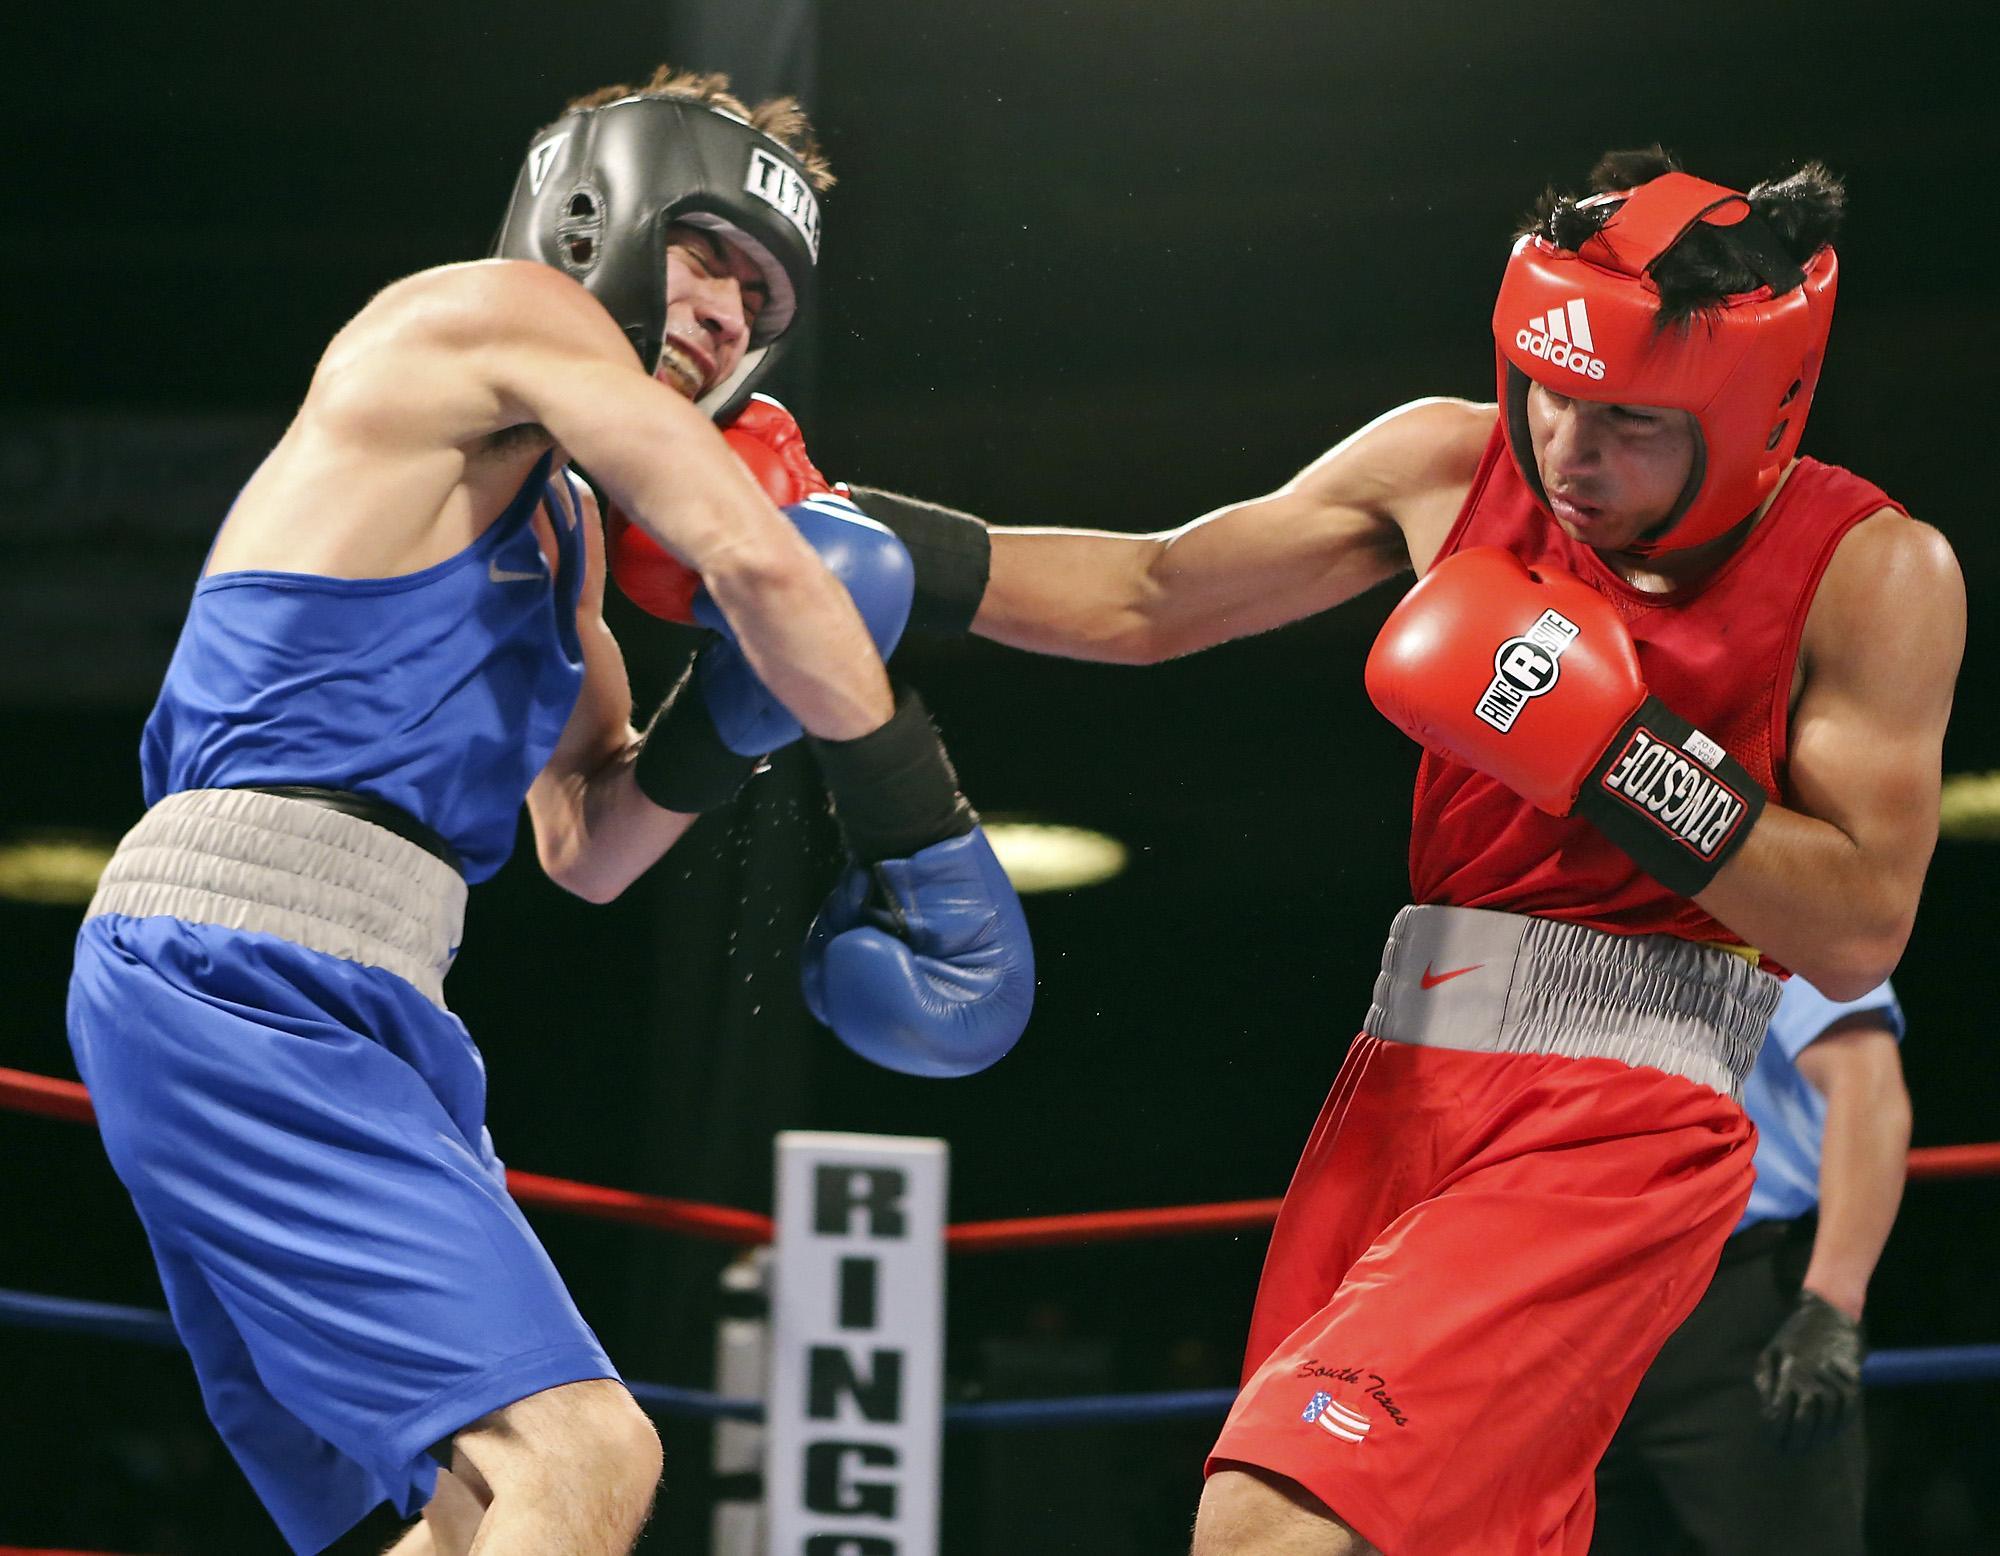 Amateur boxers set to face off